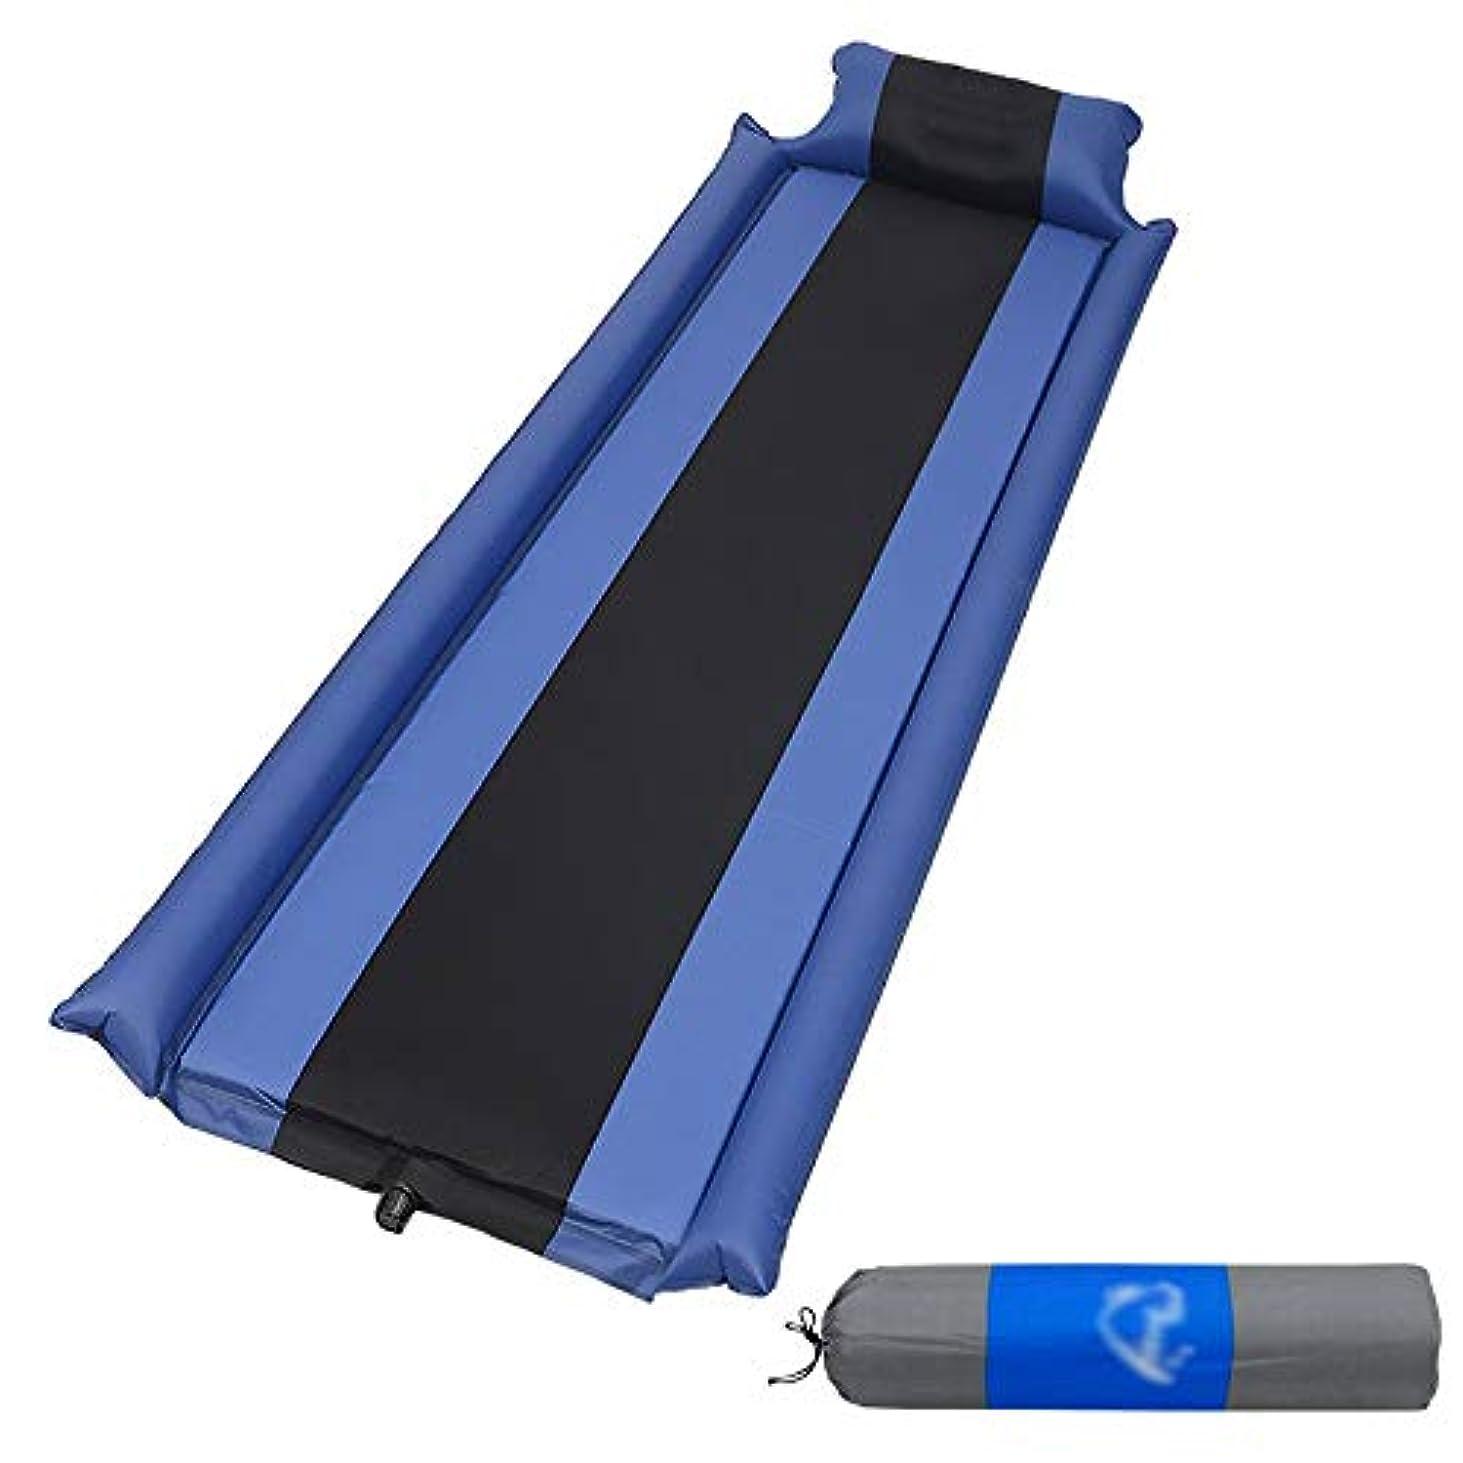 ガウンガウン私たちの自己膨脹式マットレスキャンプ枕携帯用膨脹可能な睡眠のマット、スポンジの空気マットのベッドのハイキングのバックパックのテントの寝袋 (Color : Blue)